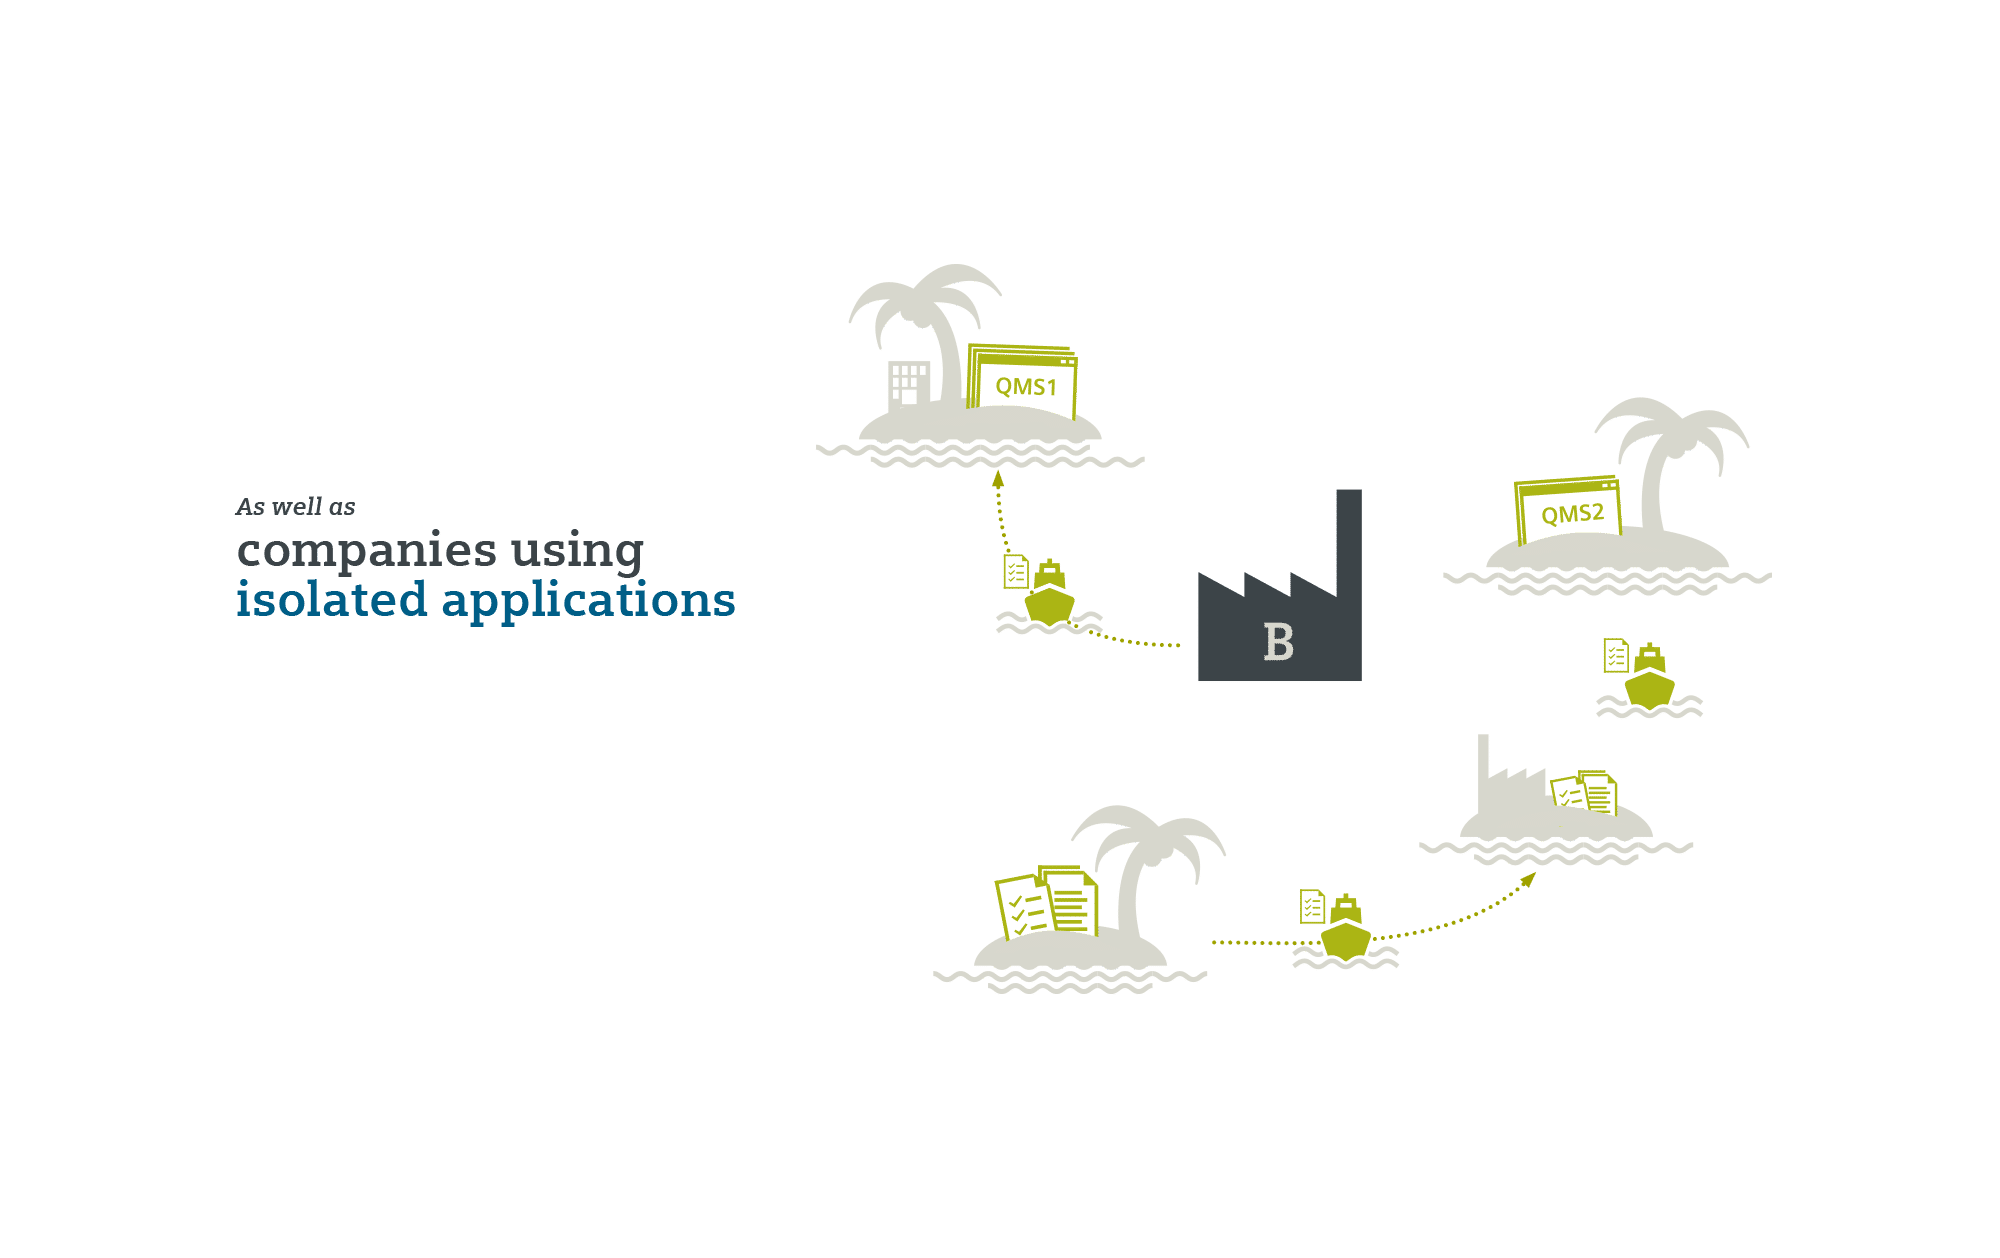 360VIER_Siemens_Case-Study_Slider-Illustration_0006 Siemens Industry Software GmbH